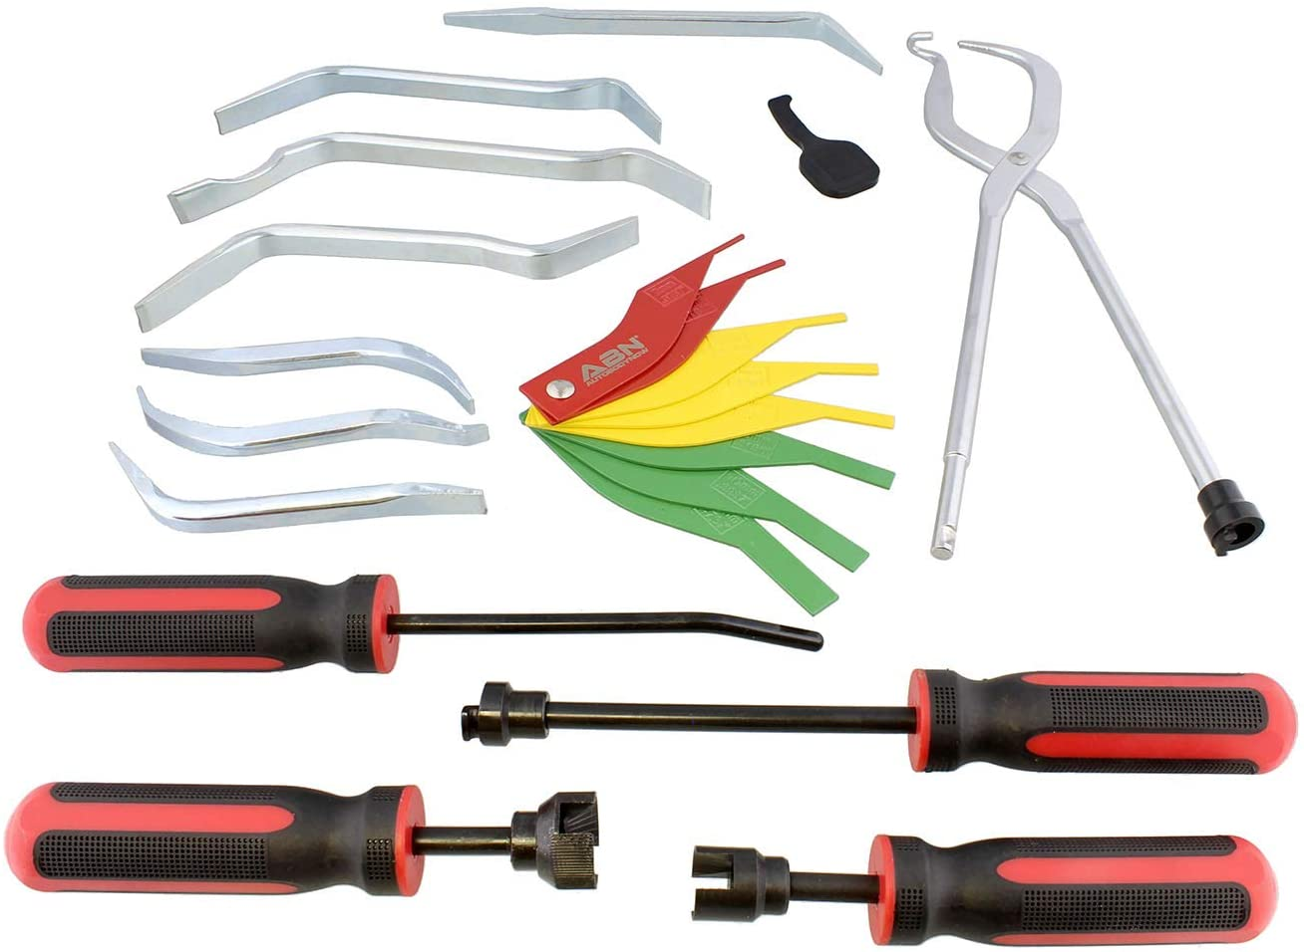 aireador de freno 90-120PSI juego de herramientas de vac/ío neum/áticas para garaje Kit de herramientas neum/áticas para aspiradoras de frenos 10 piezas